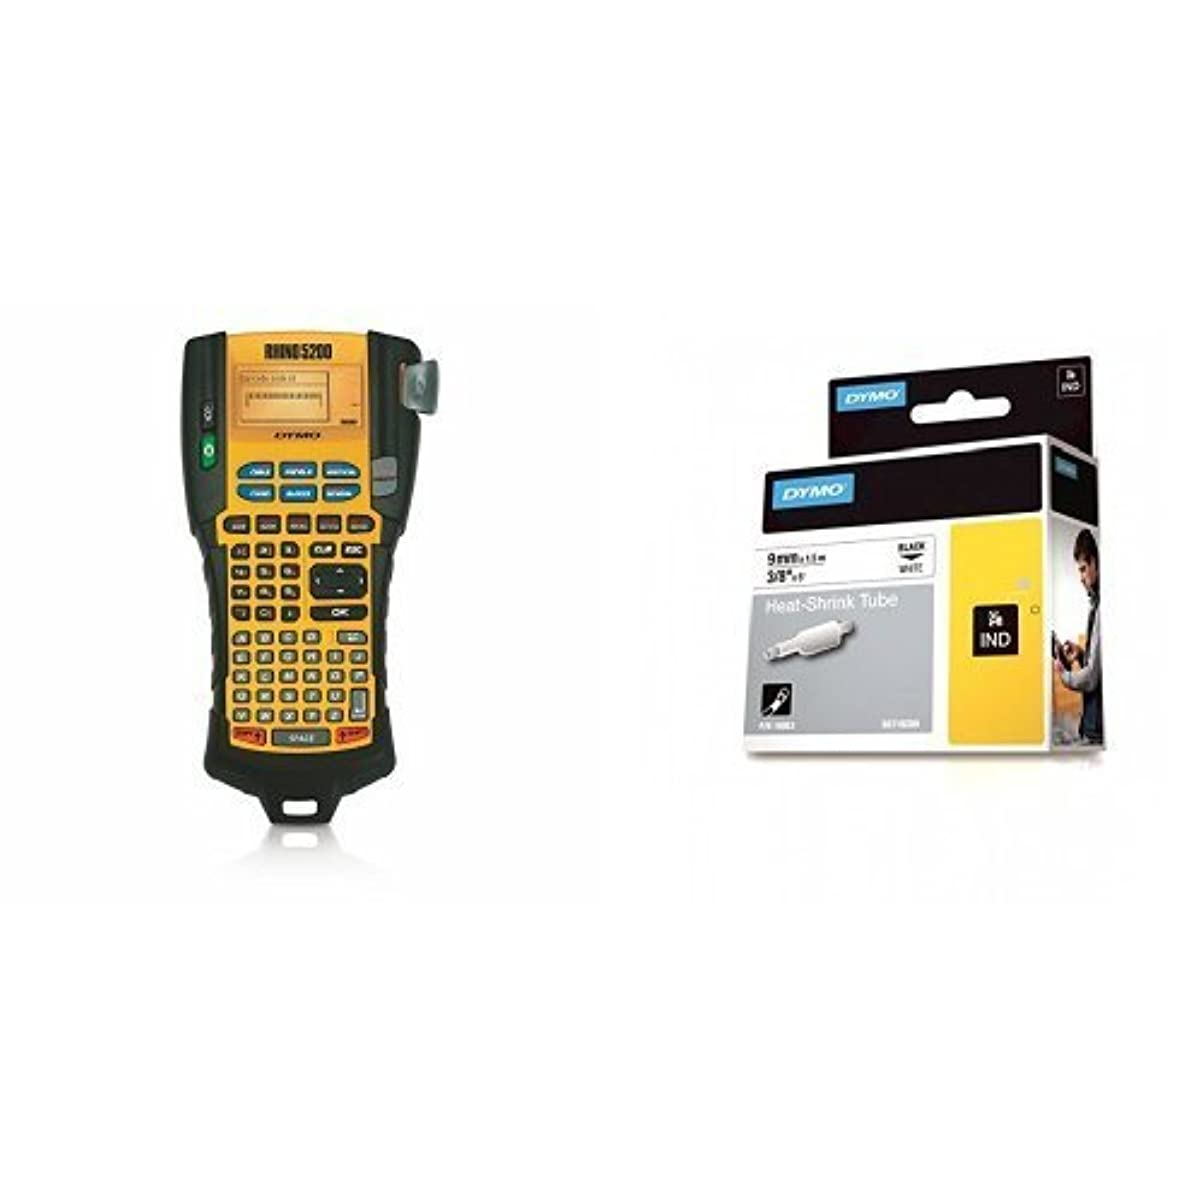 誘惑する深い創造DYMO RhinoPRO 5200 Industrial Label Printer with 3/8 Heat-Shrink Cable Labels (1755749 & 18053) [並行輸入品]